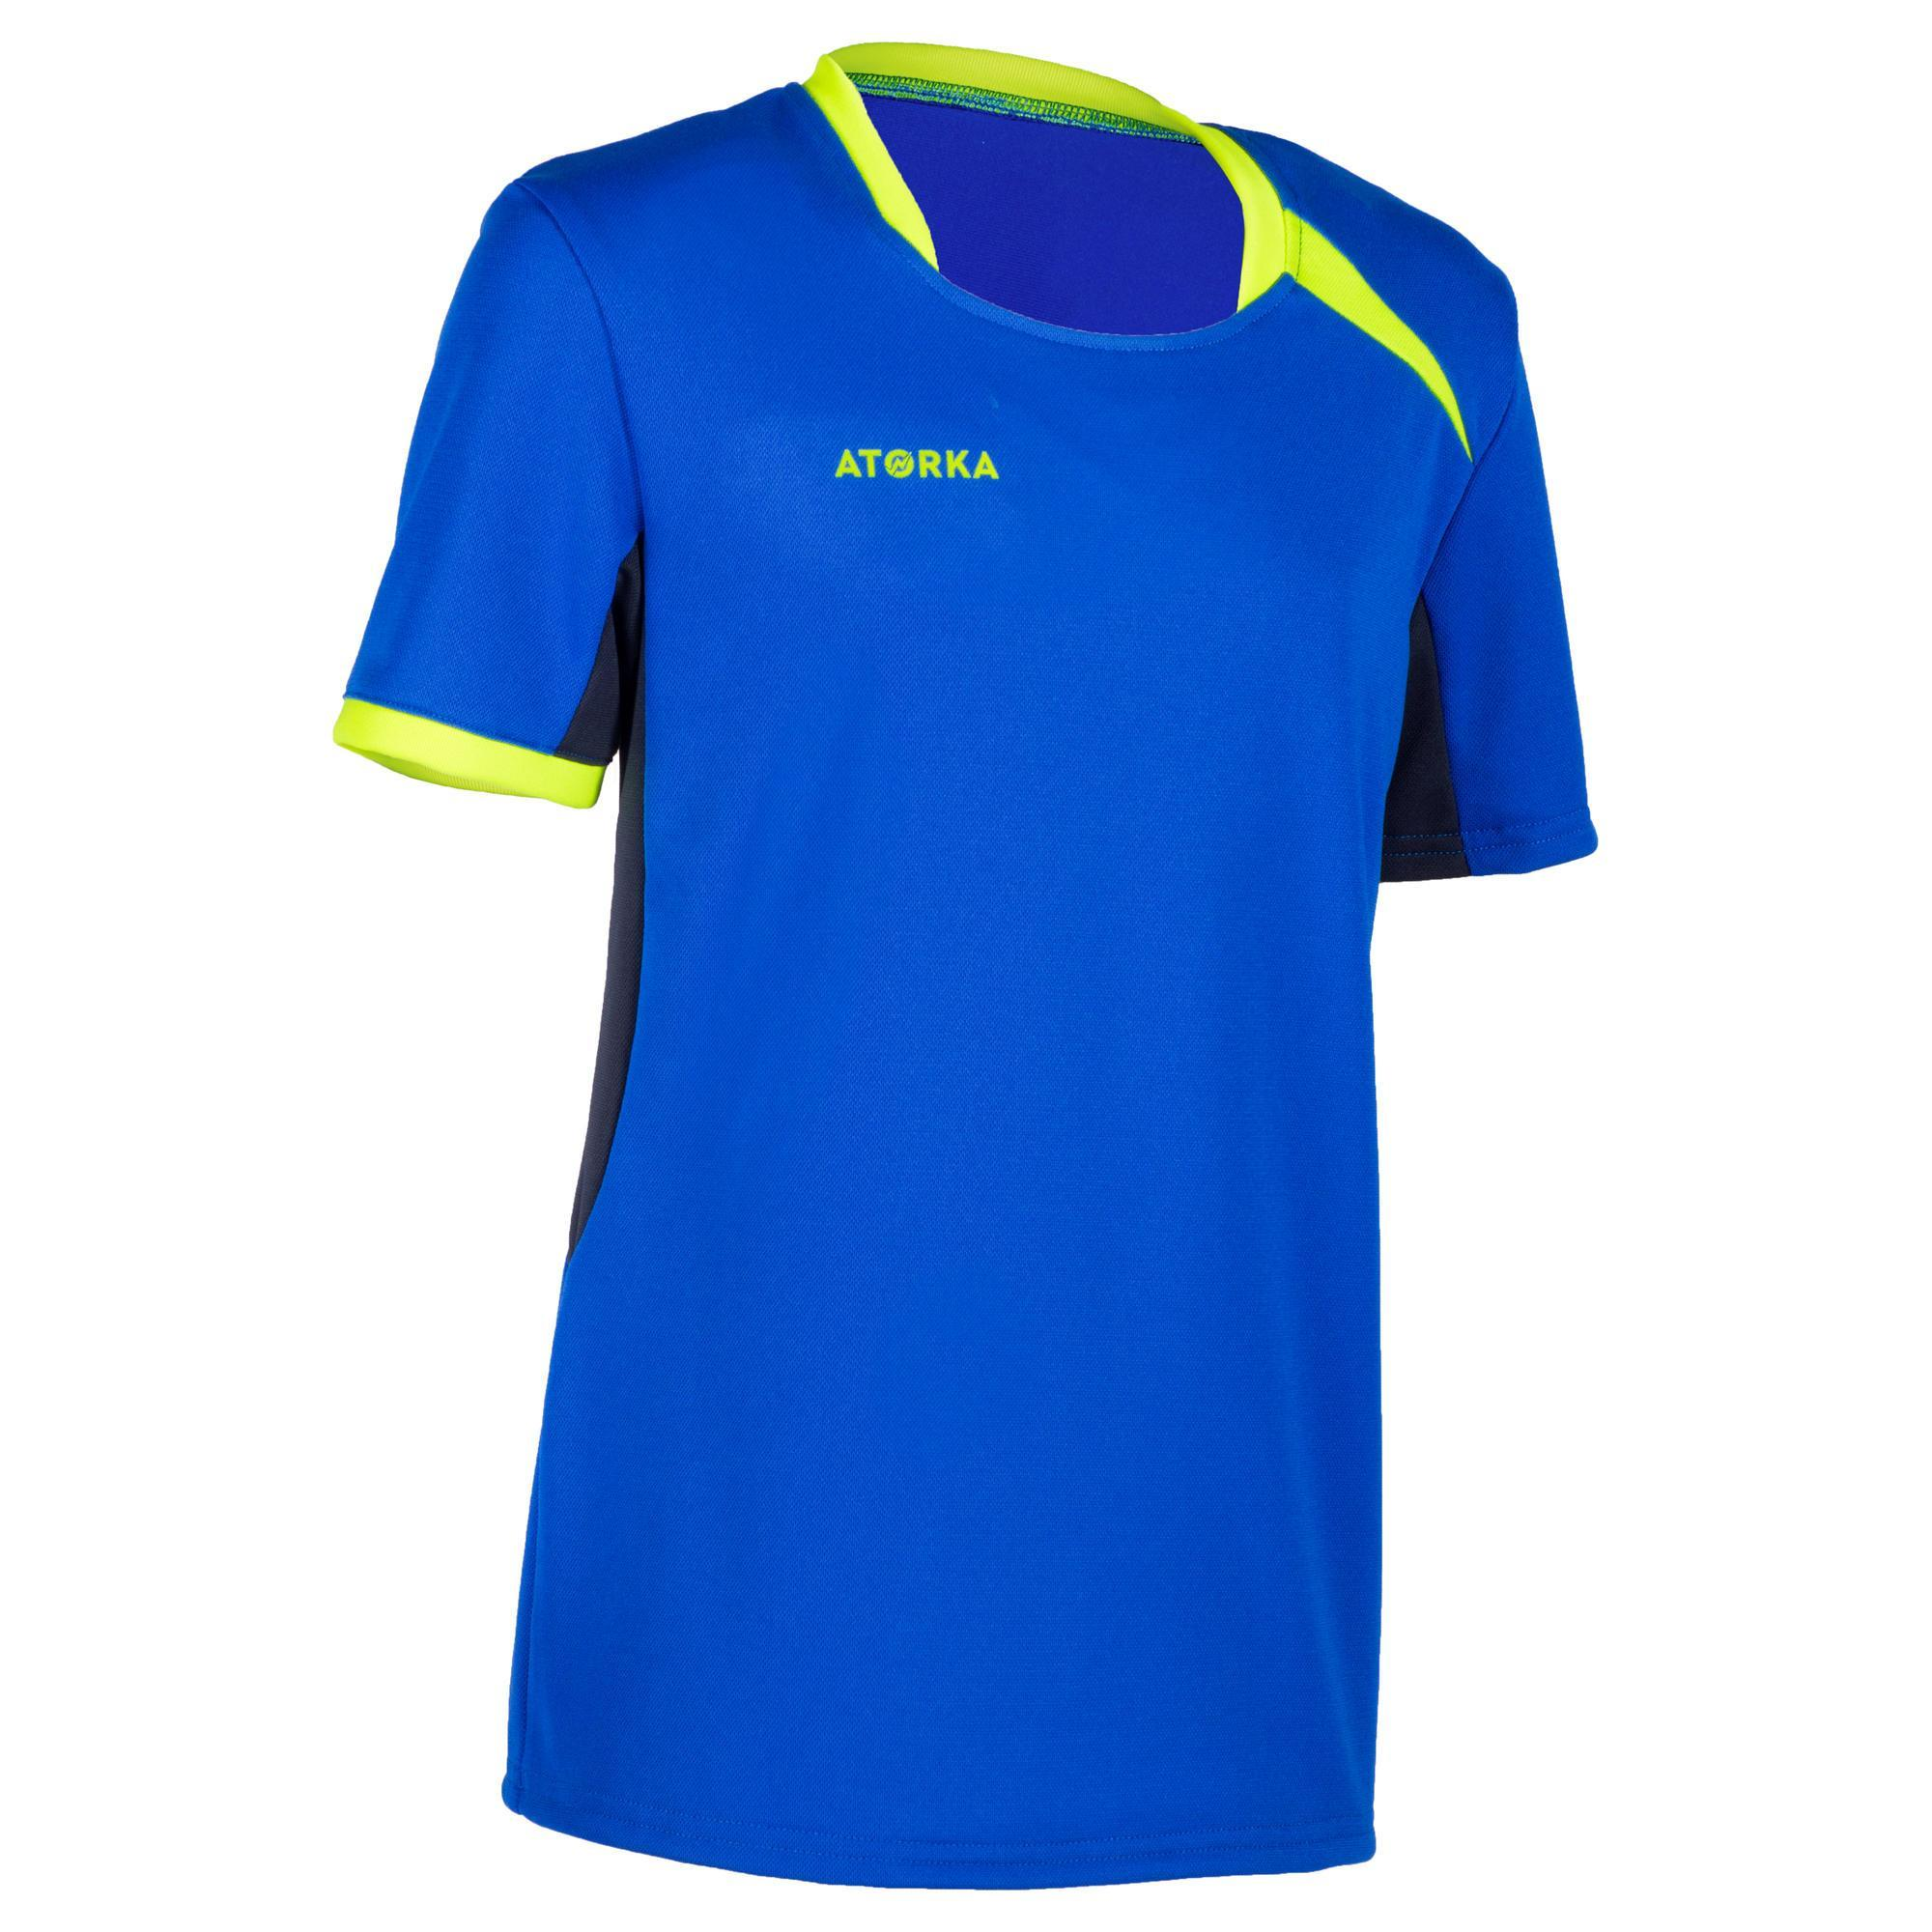 Atorka Handbalshirt kind H100 blauw / geel